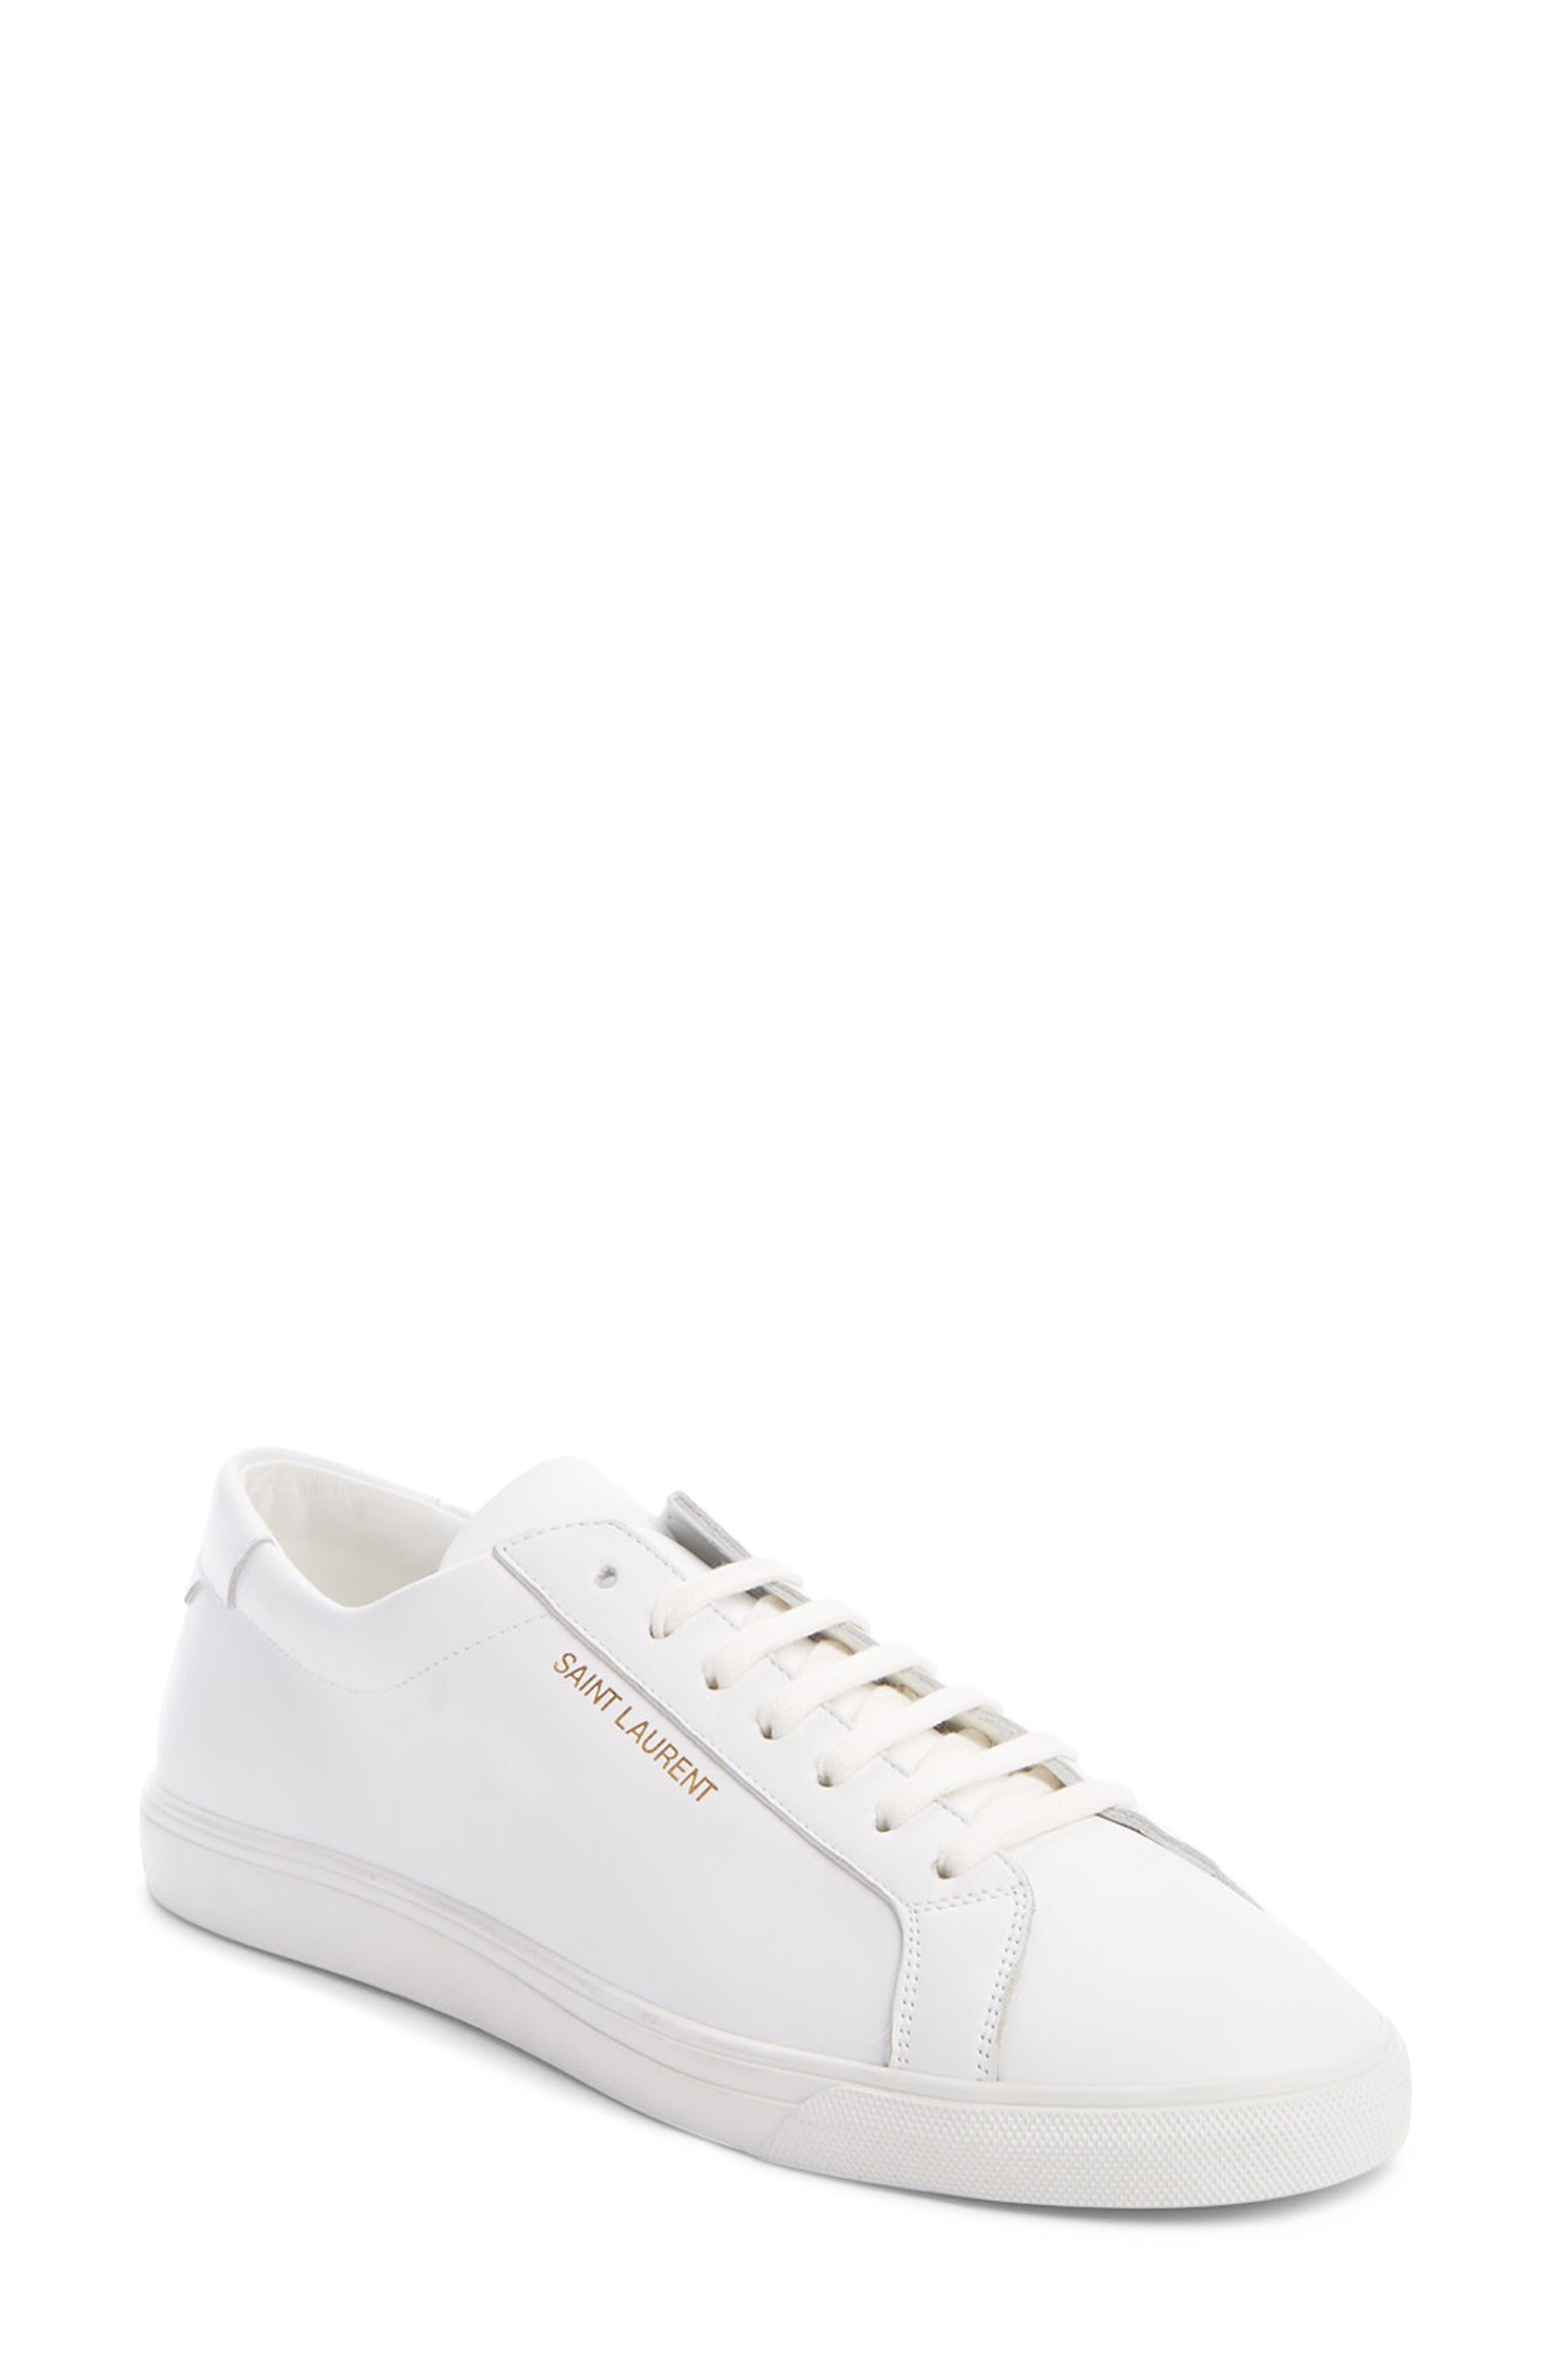 Women's Saint Laurent Sneakers